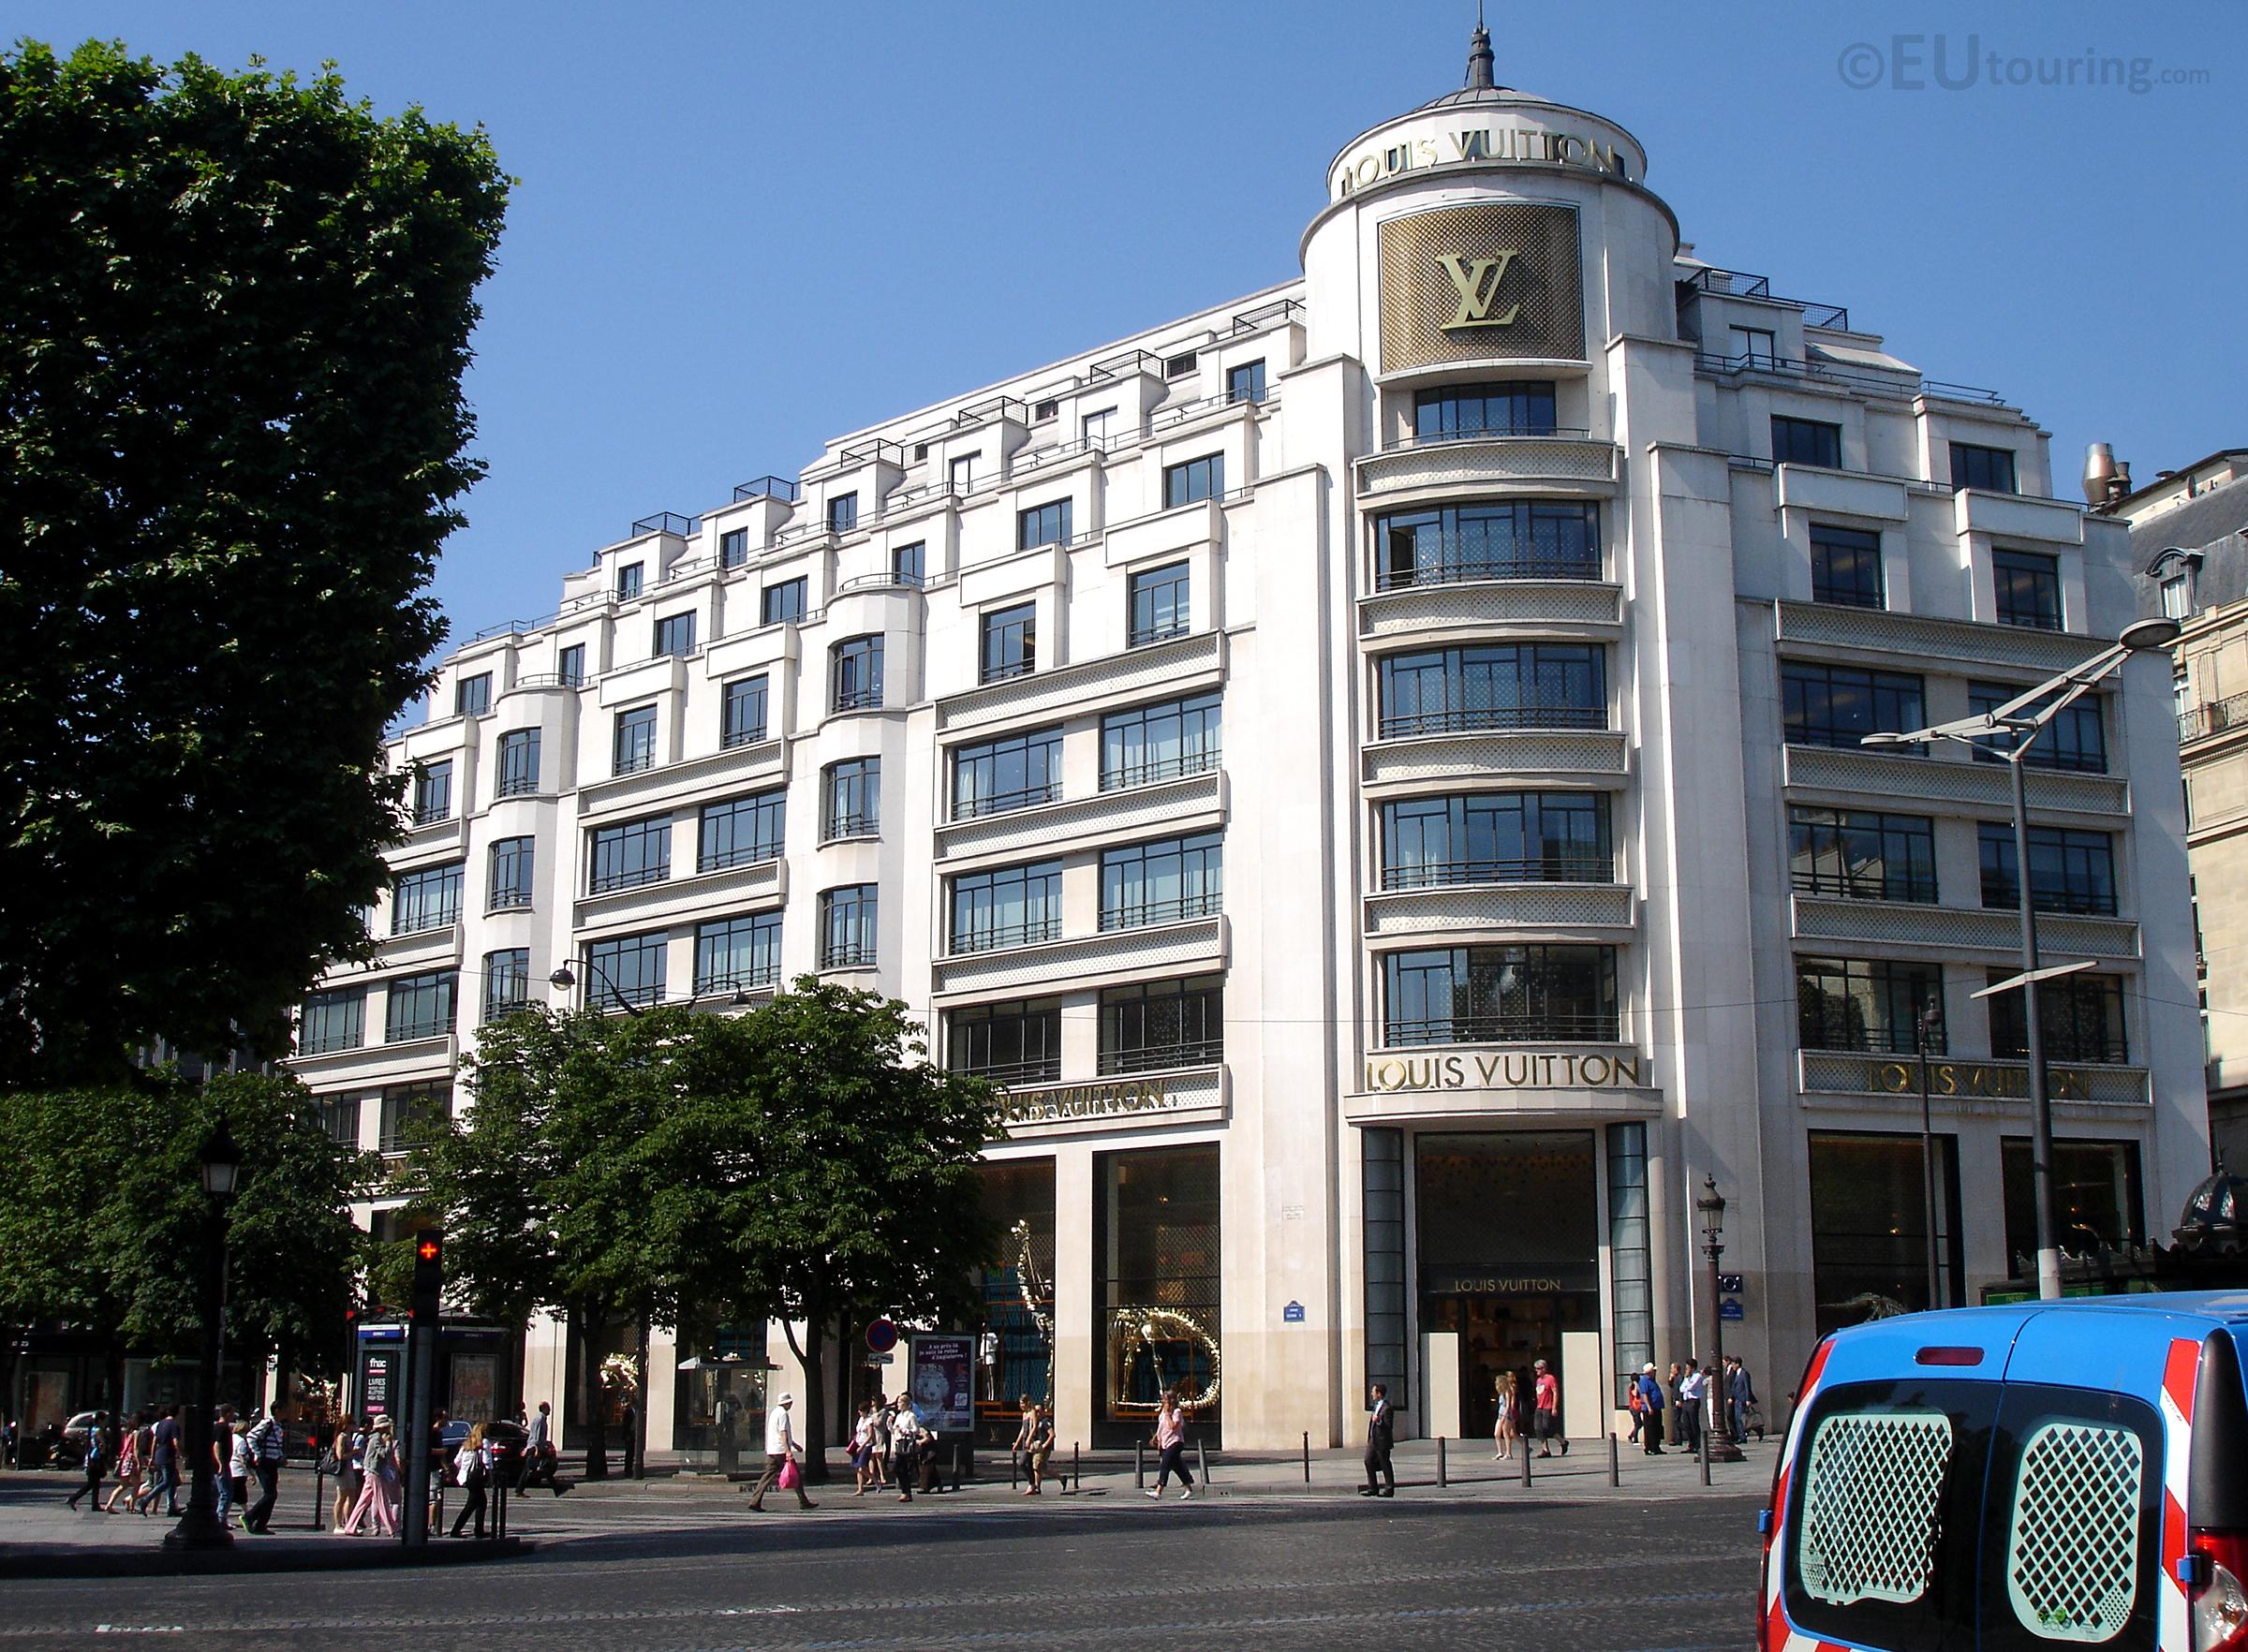 Louis Vuitton at Avenue des Champs Elysees